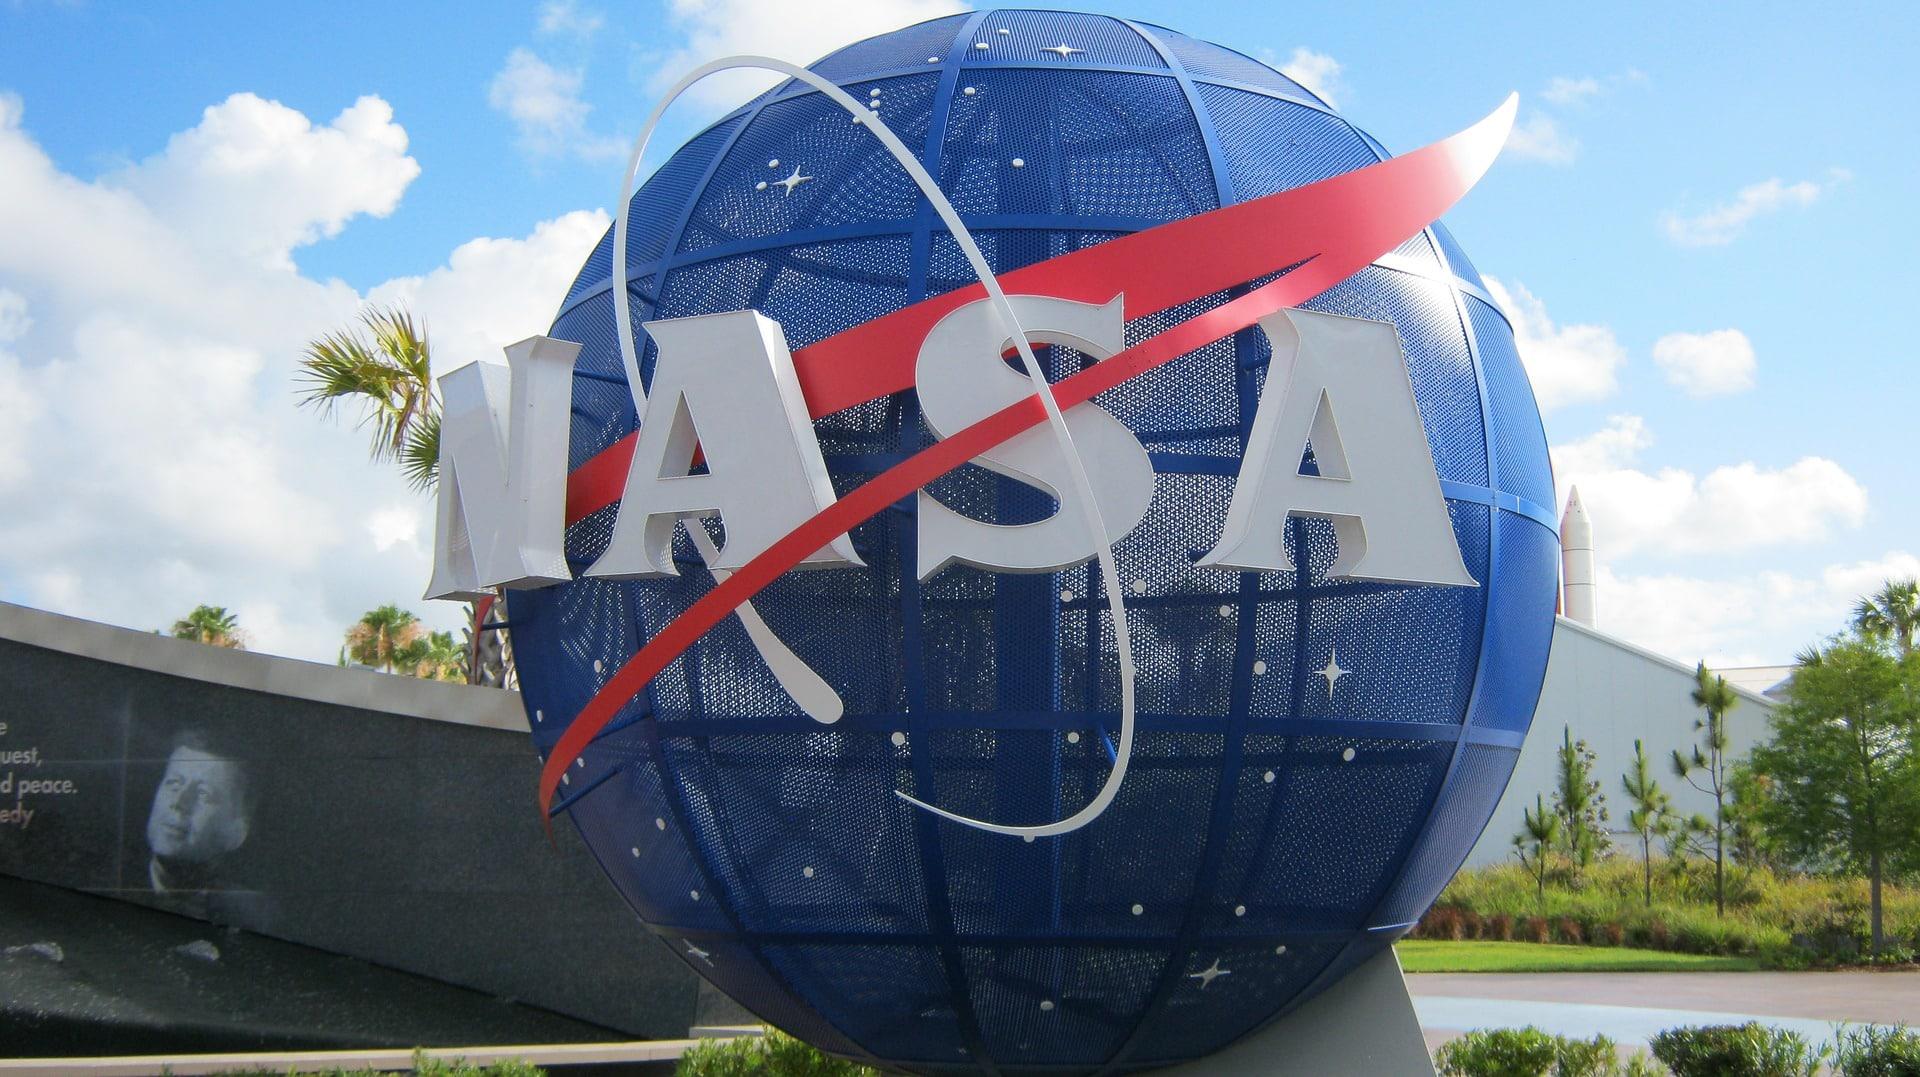 НАСА заключило контракт на доставку образцов горных пород с Марса